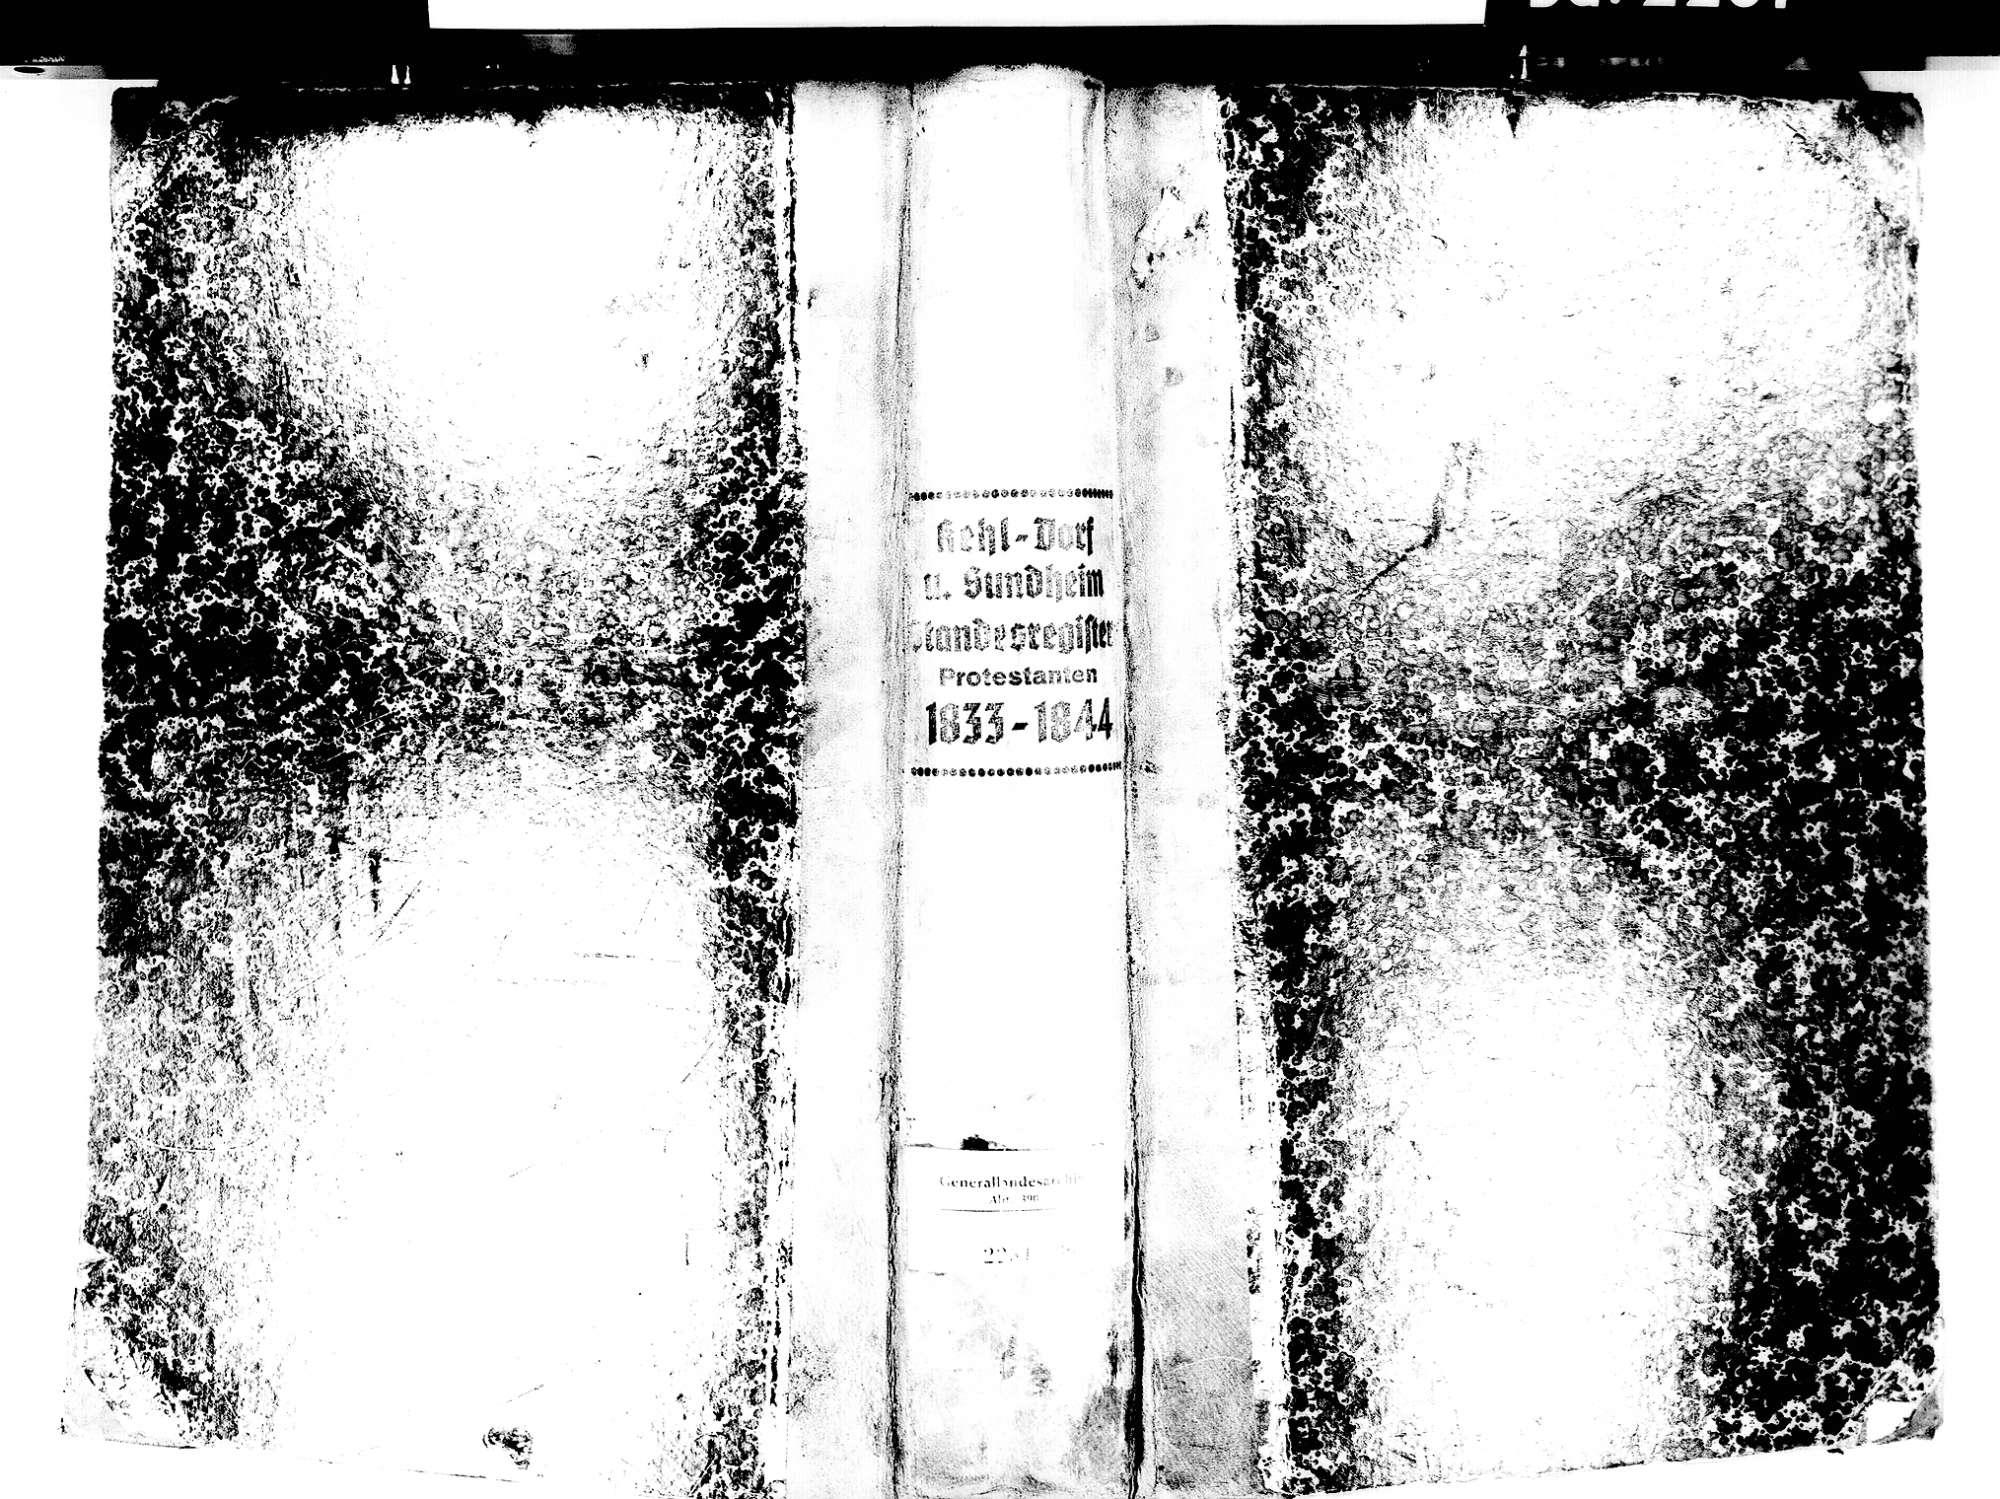 Kehl Dorf, aufgegangen in Kehl OG; Evangelische Gemeinde: Standesbuch 1833-1844, Bild 2